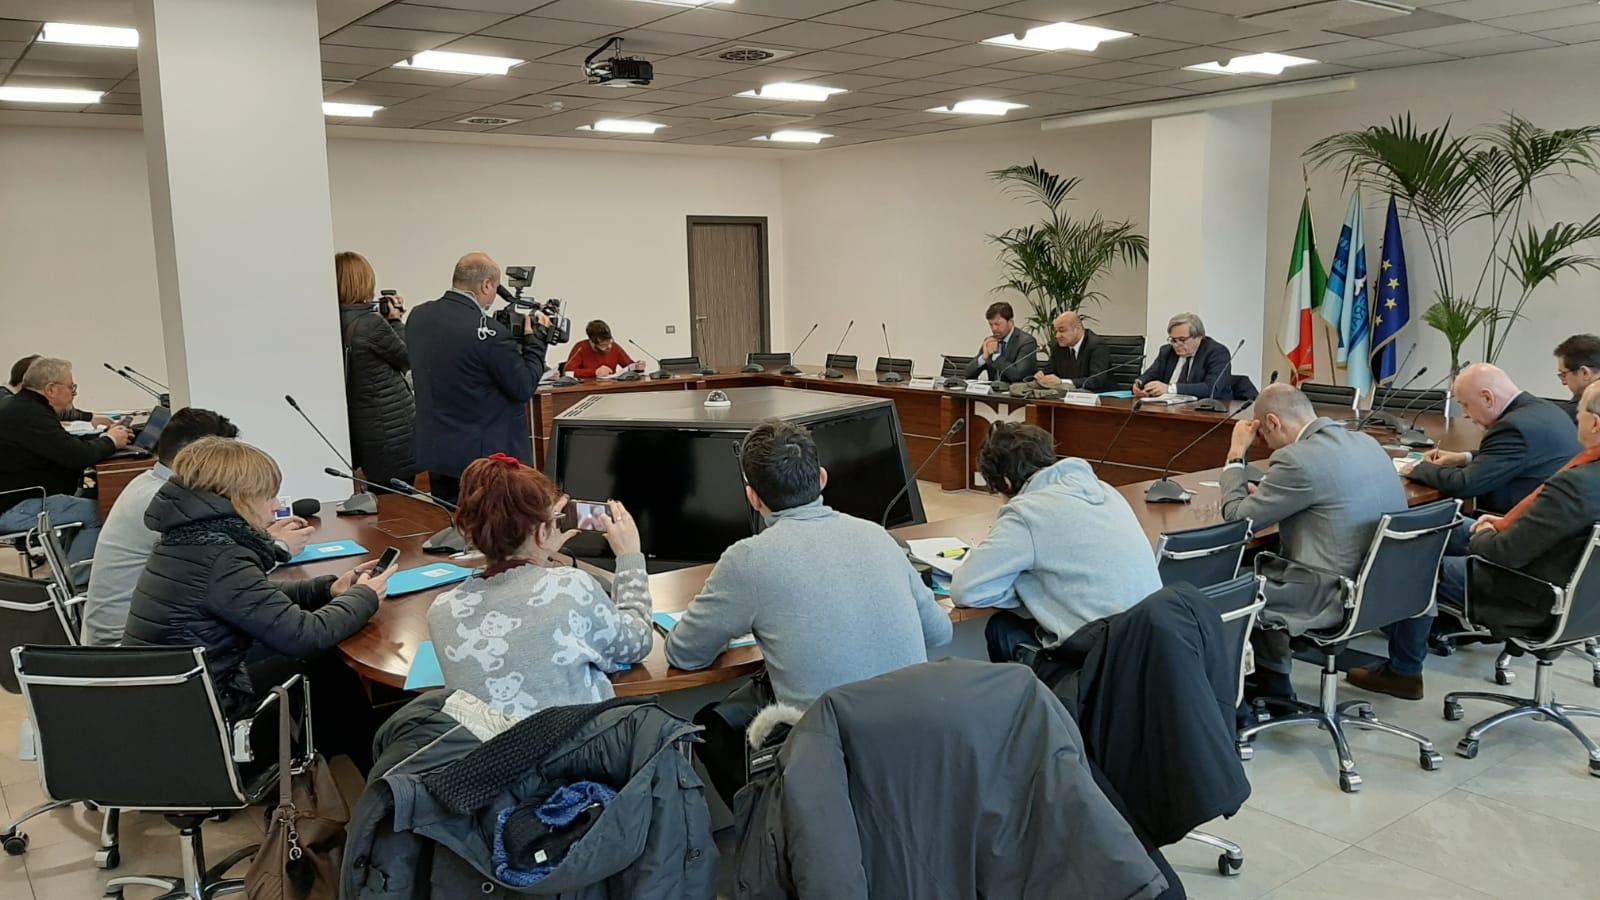 Elezioni Regionali Emilia-Romagna 2020: Le proposte dell'Alleanza delle Cooperative Emilia-Romagna